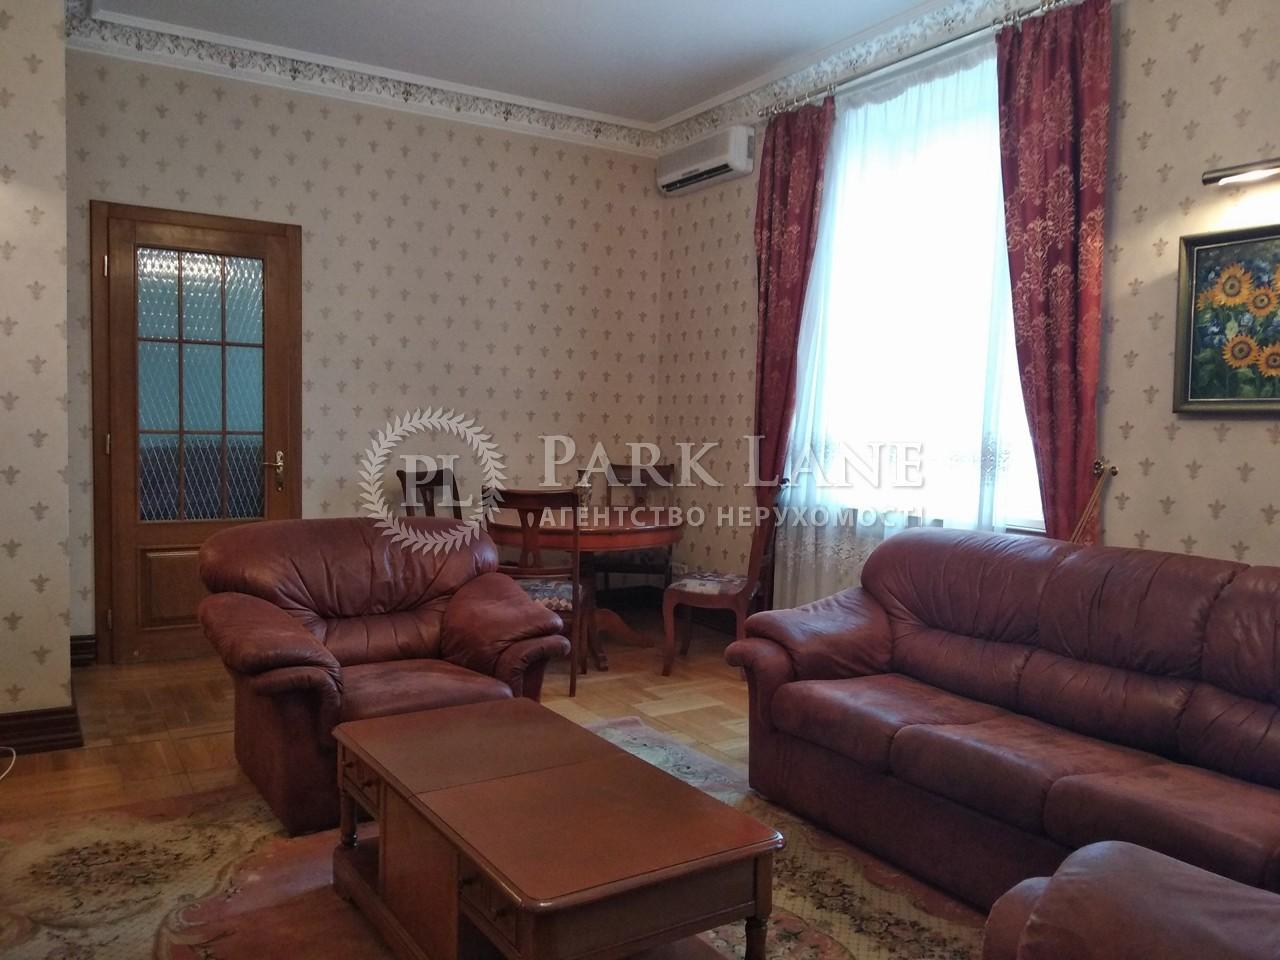 Квартира вул. Лисенка, 4, Київ, I-18605 - Фото 4